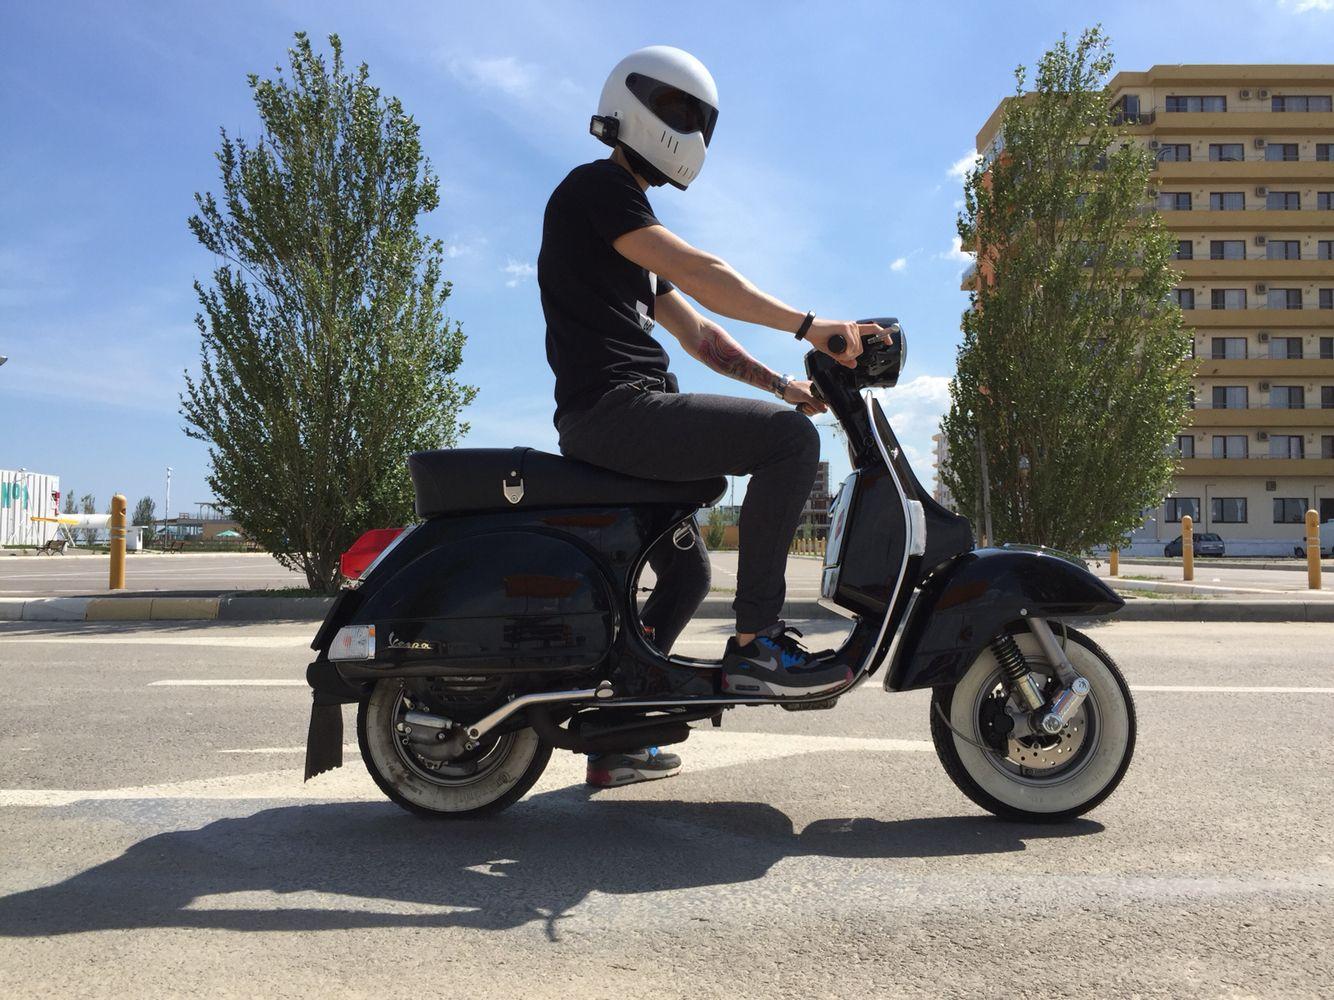 Vespa PX 150 and Bandit XXR Helmet   Vespa Scooter   Vespa